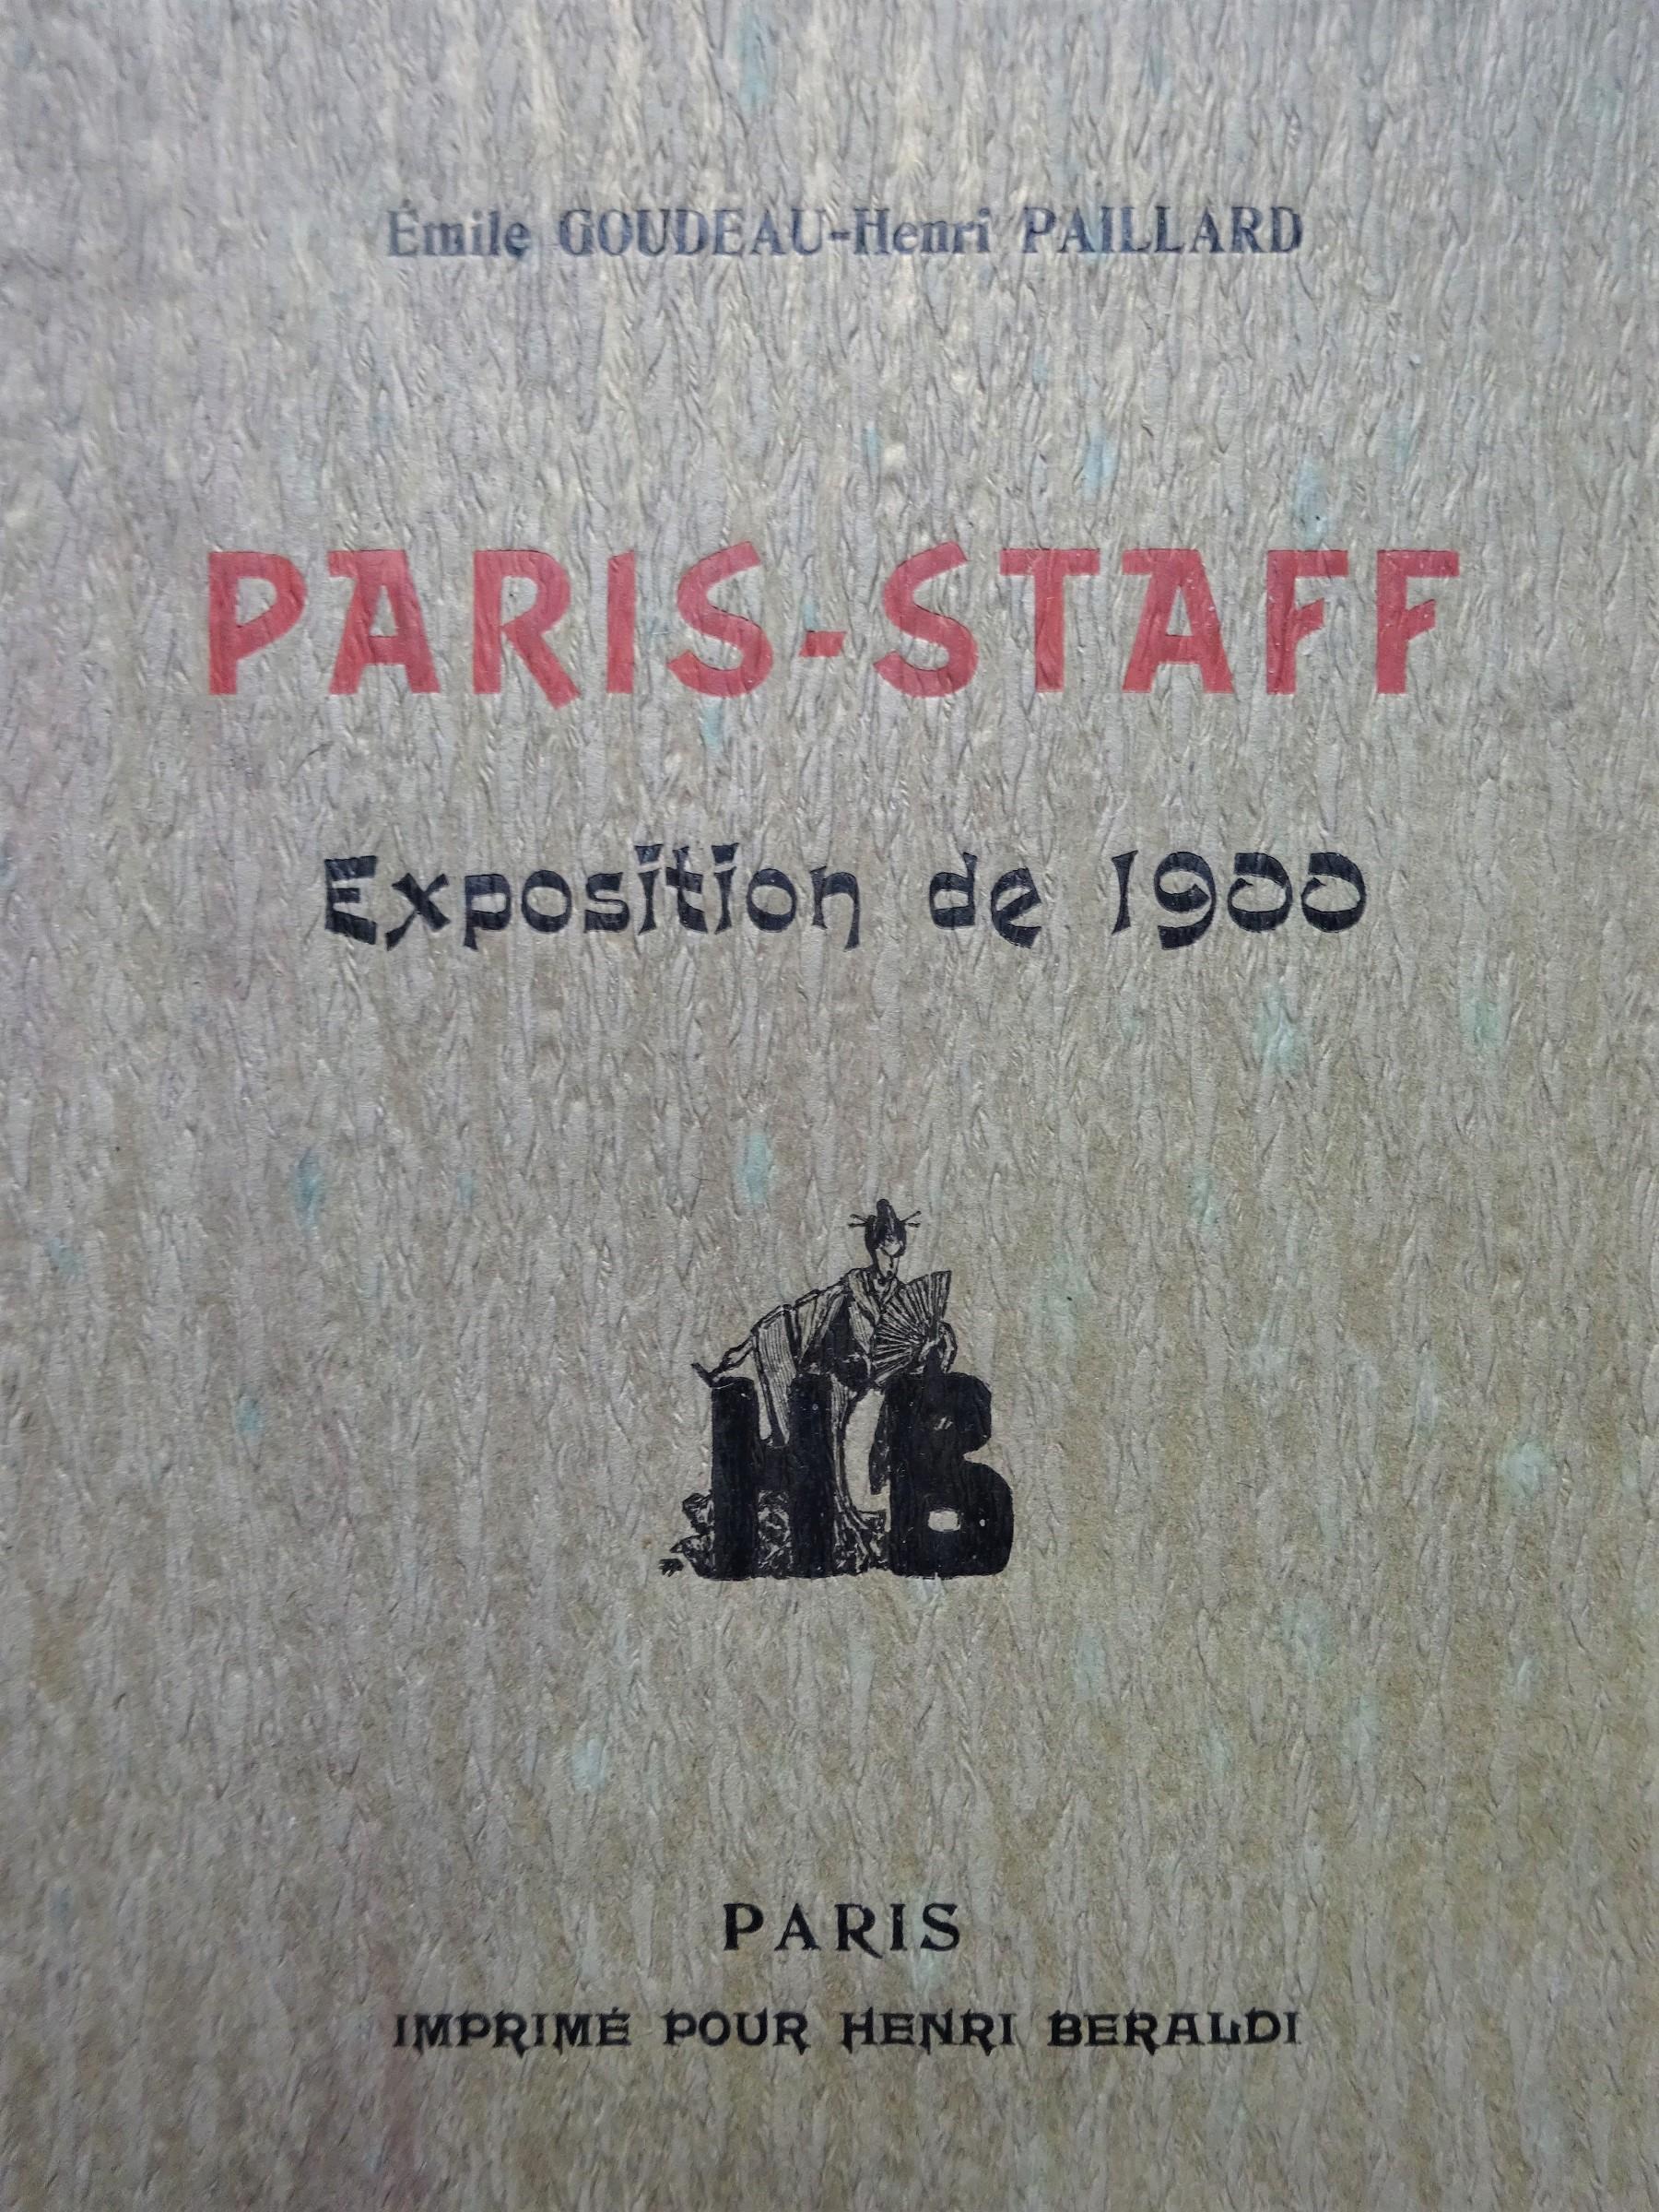 Paris-Staff Exposition de 1900